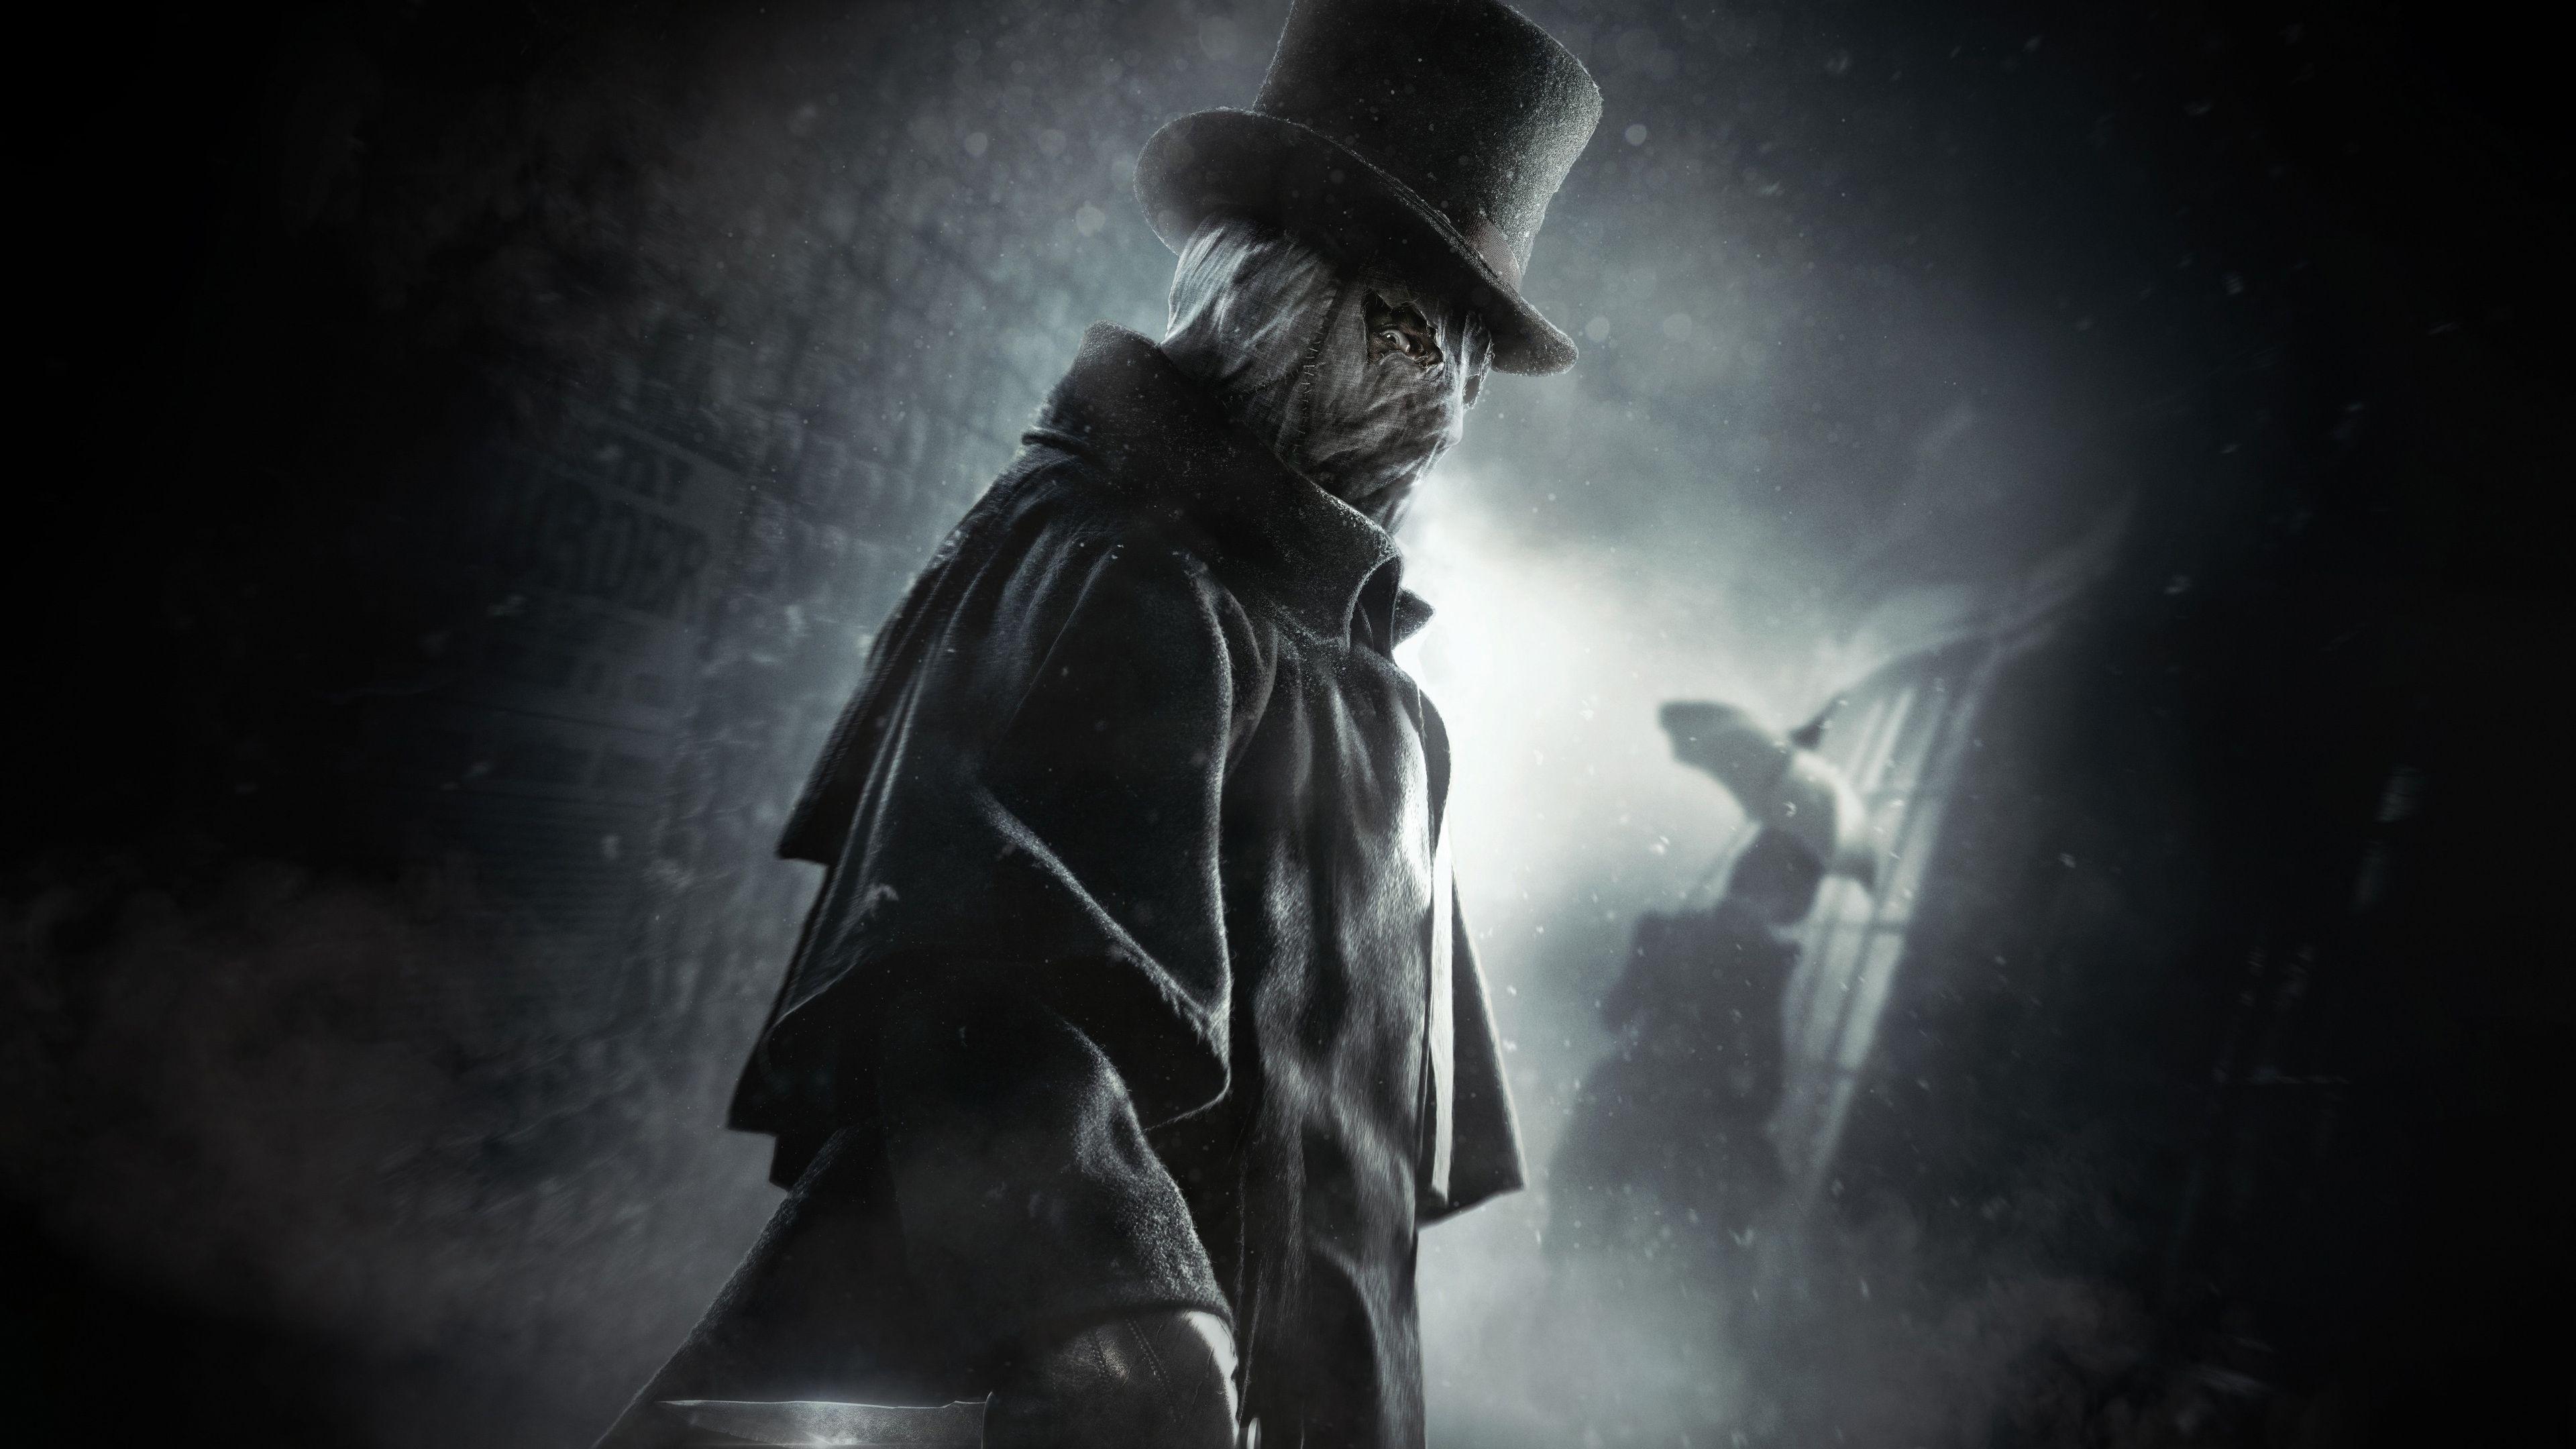 Rorschach Watchmen 4k Assassins Creed Syndicate Assassins Creed Rorschach